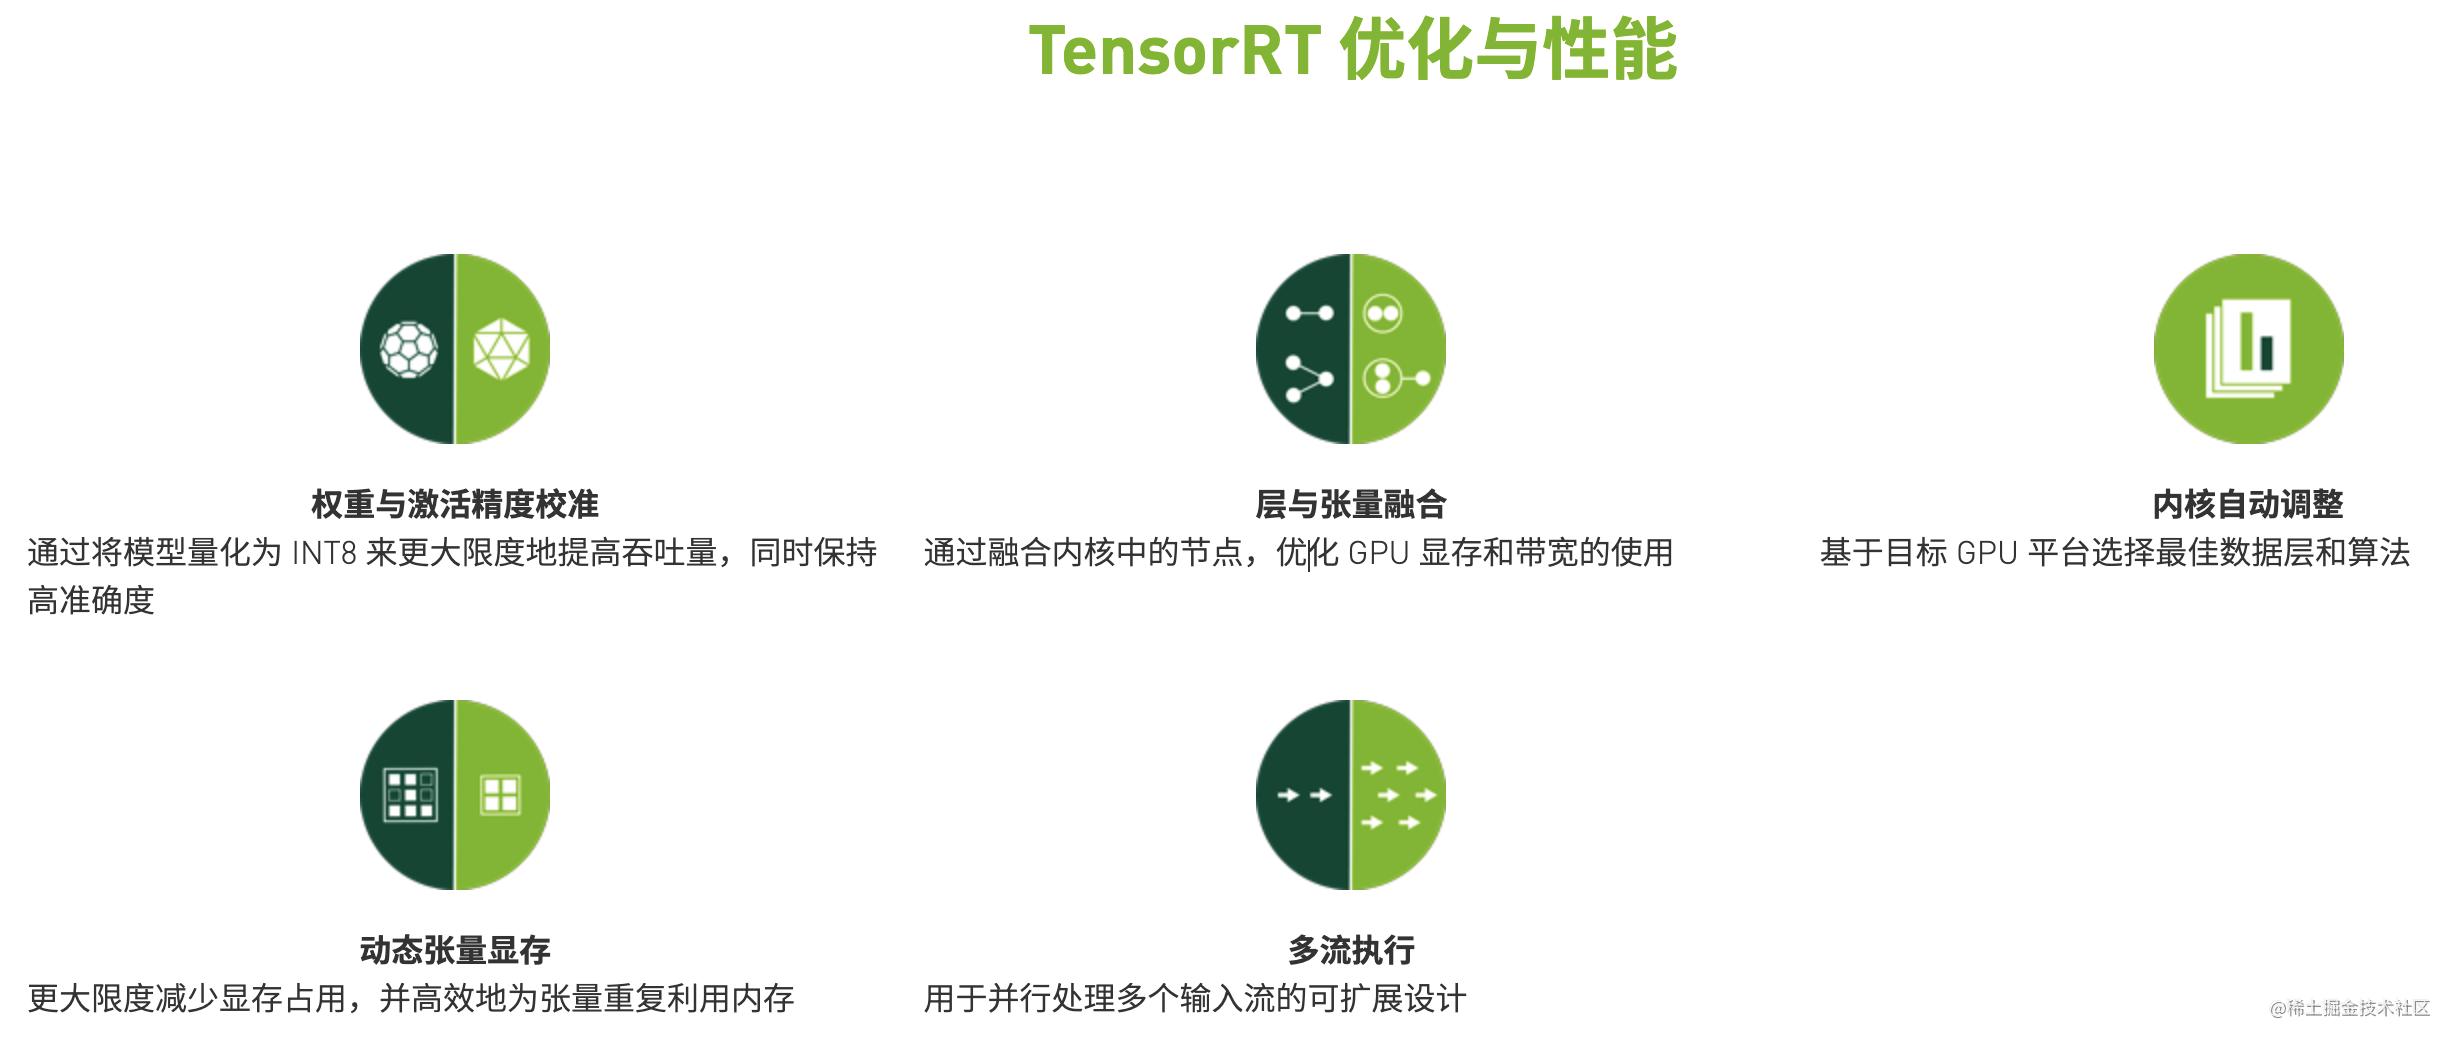 TensorRT应用的优化